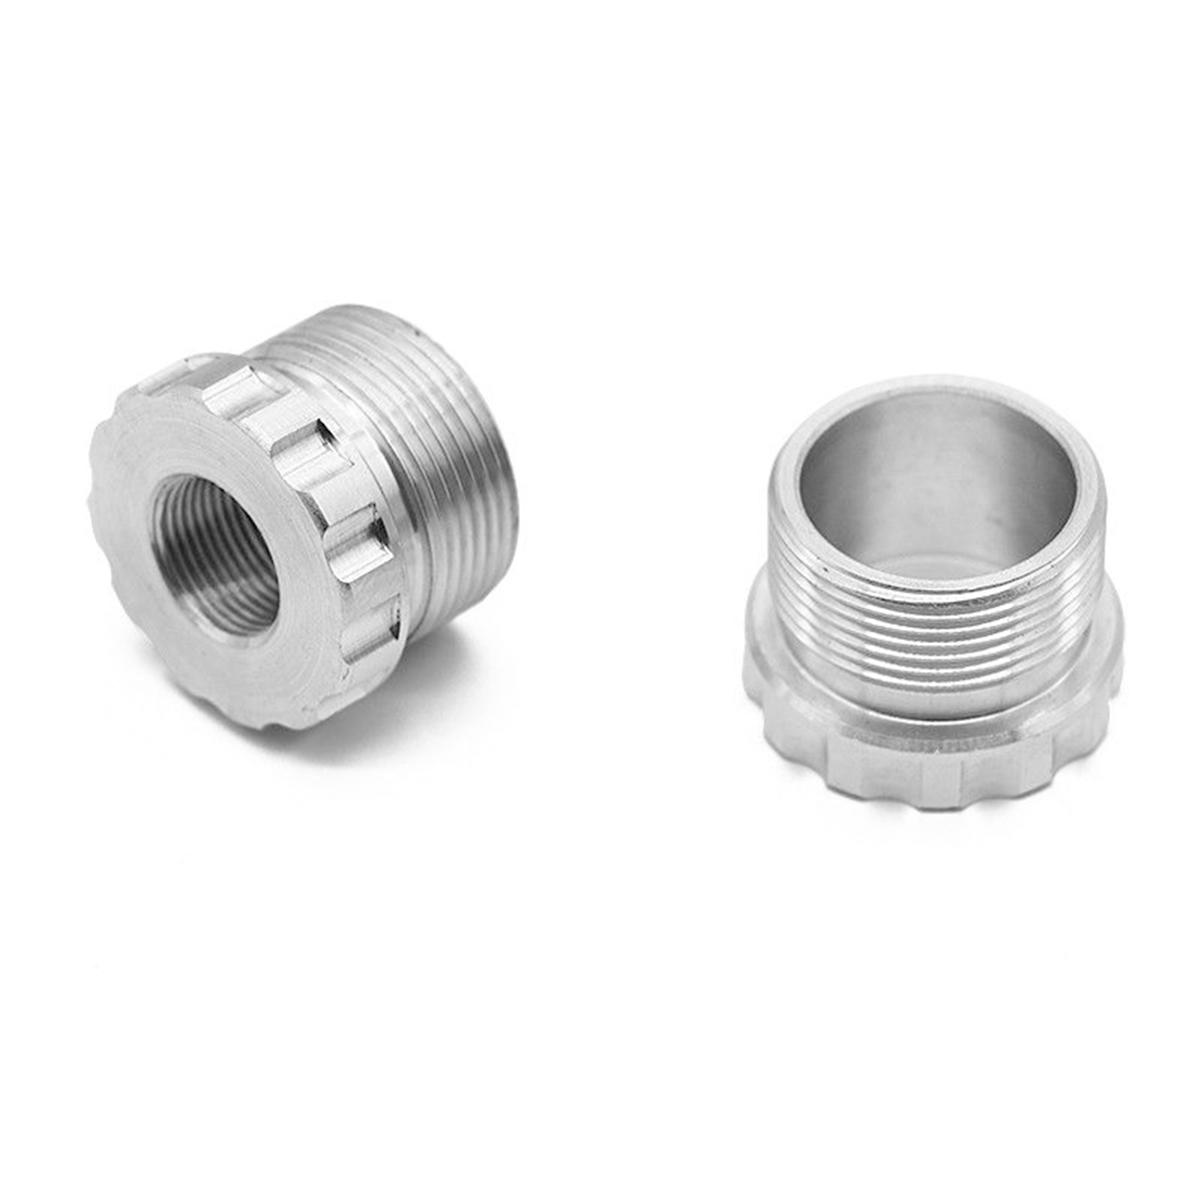 11Pcs Aluminum Fuel Trap Solvent Filter For NAPA 4003 WIX 24003 Auto Filters